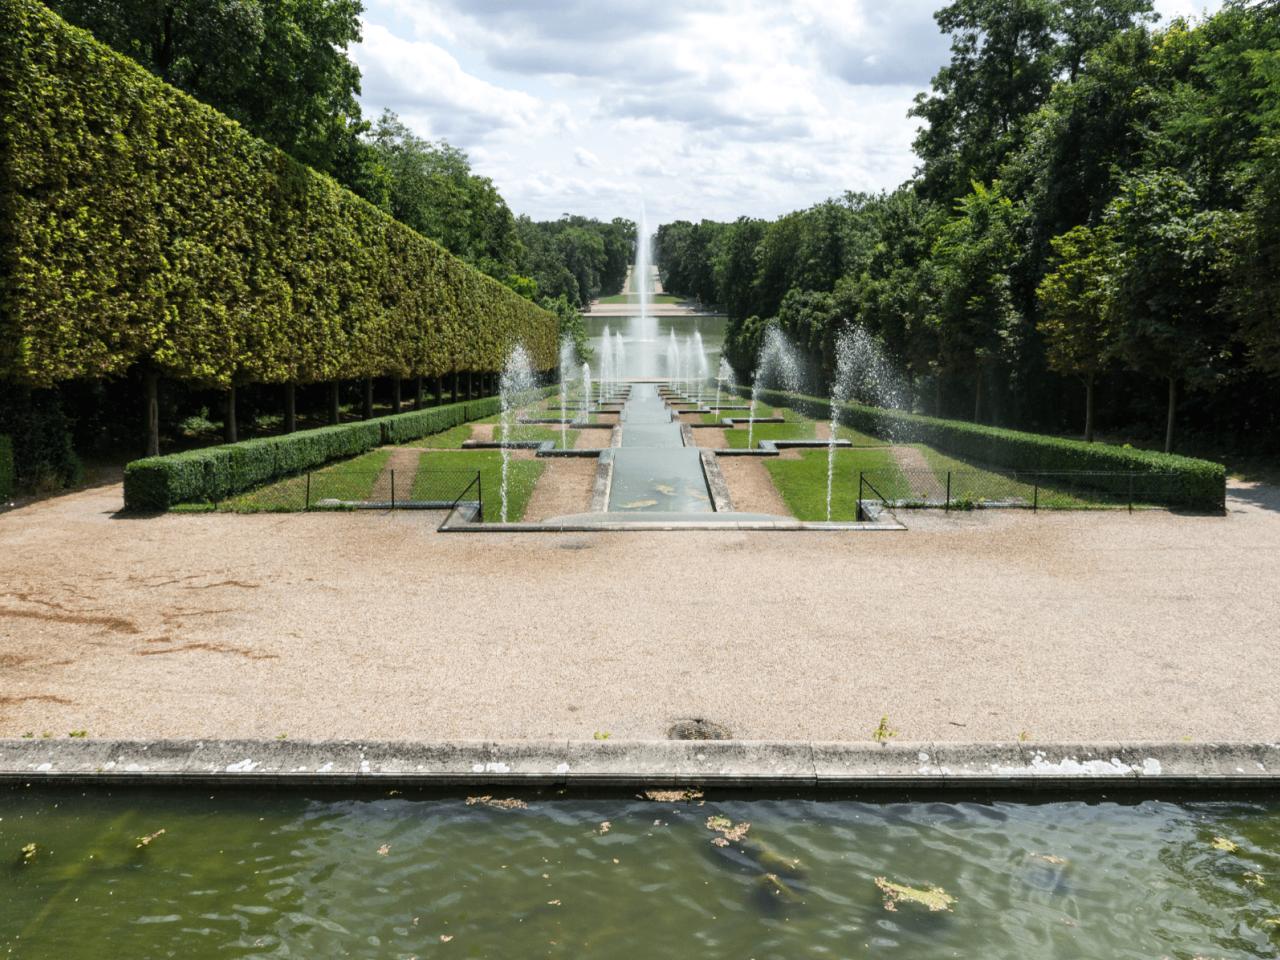 Il Parco e il Castello di Sceaux: Parchi e giardini a Parigi